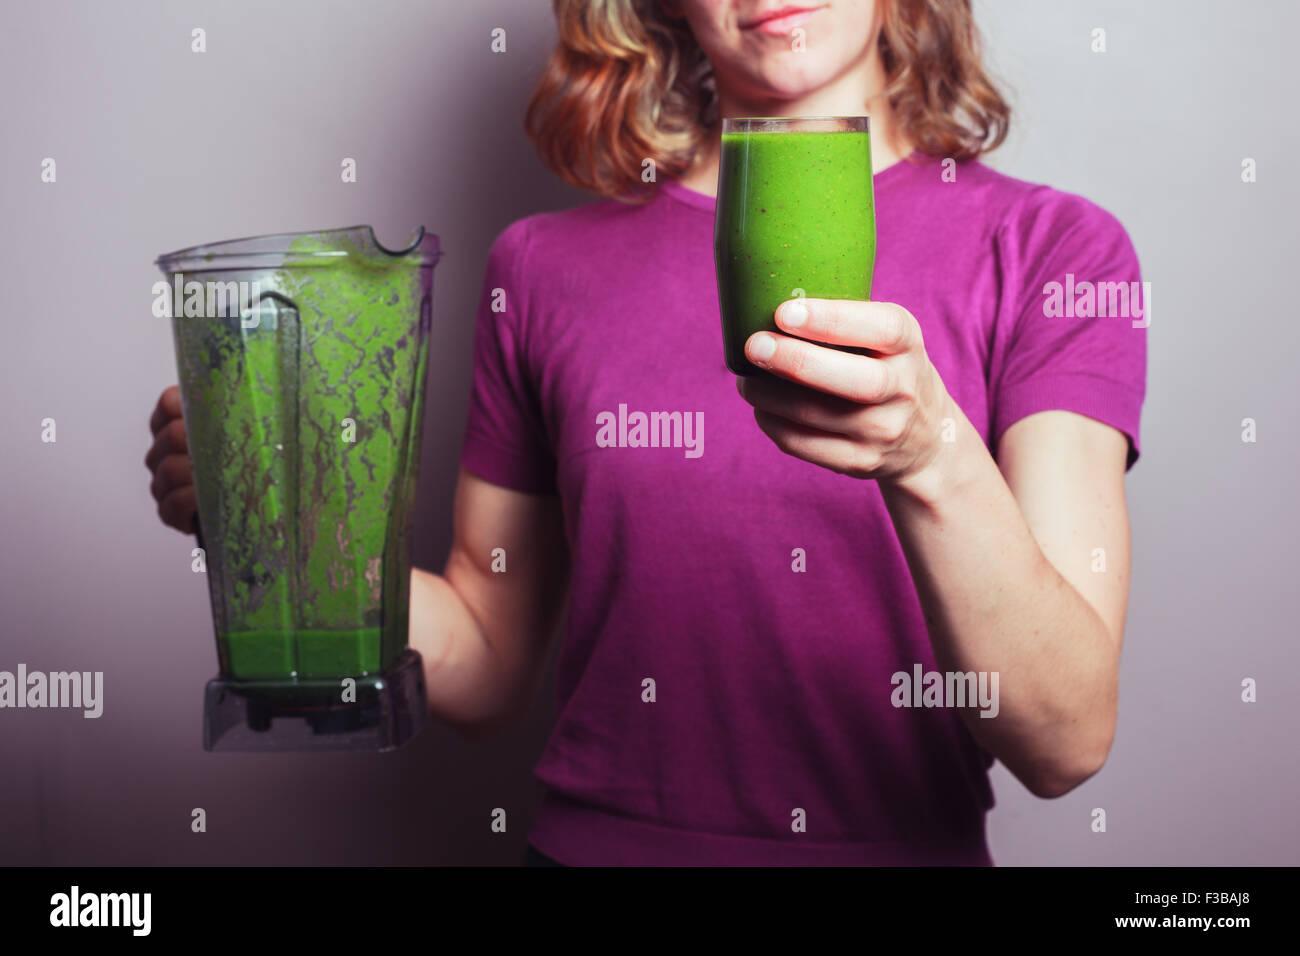 Eine junge Frau in einem lila Top hält ein Mixer und ein Glas mit grünen Frucht-smoothie Stockbild